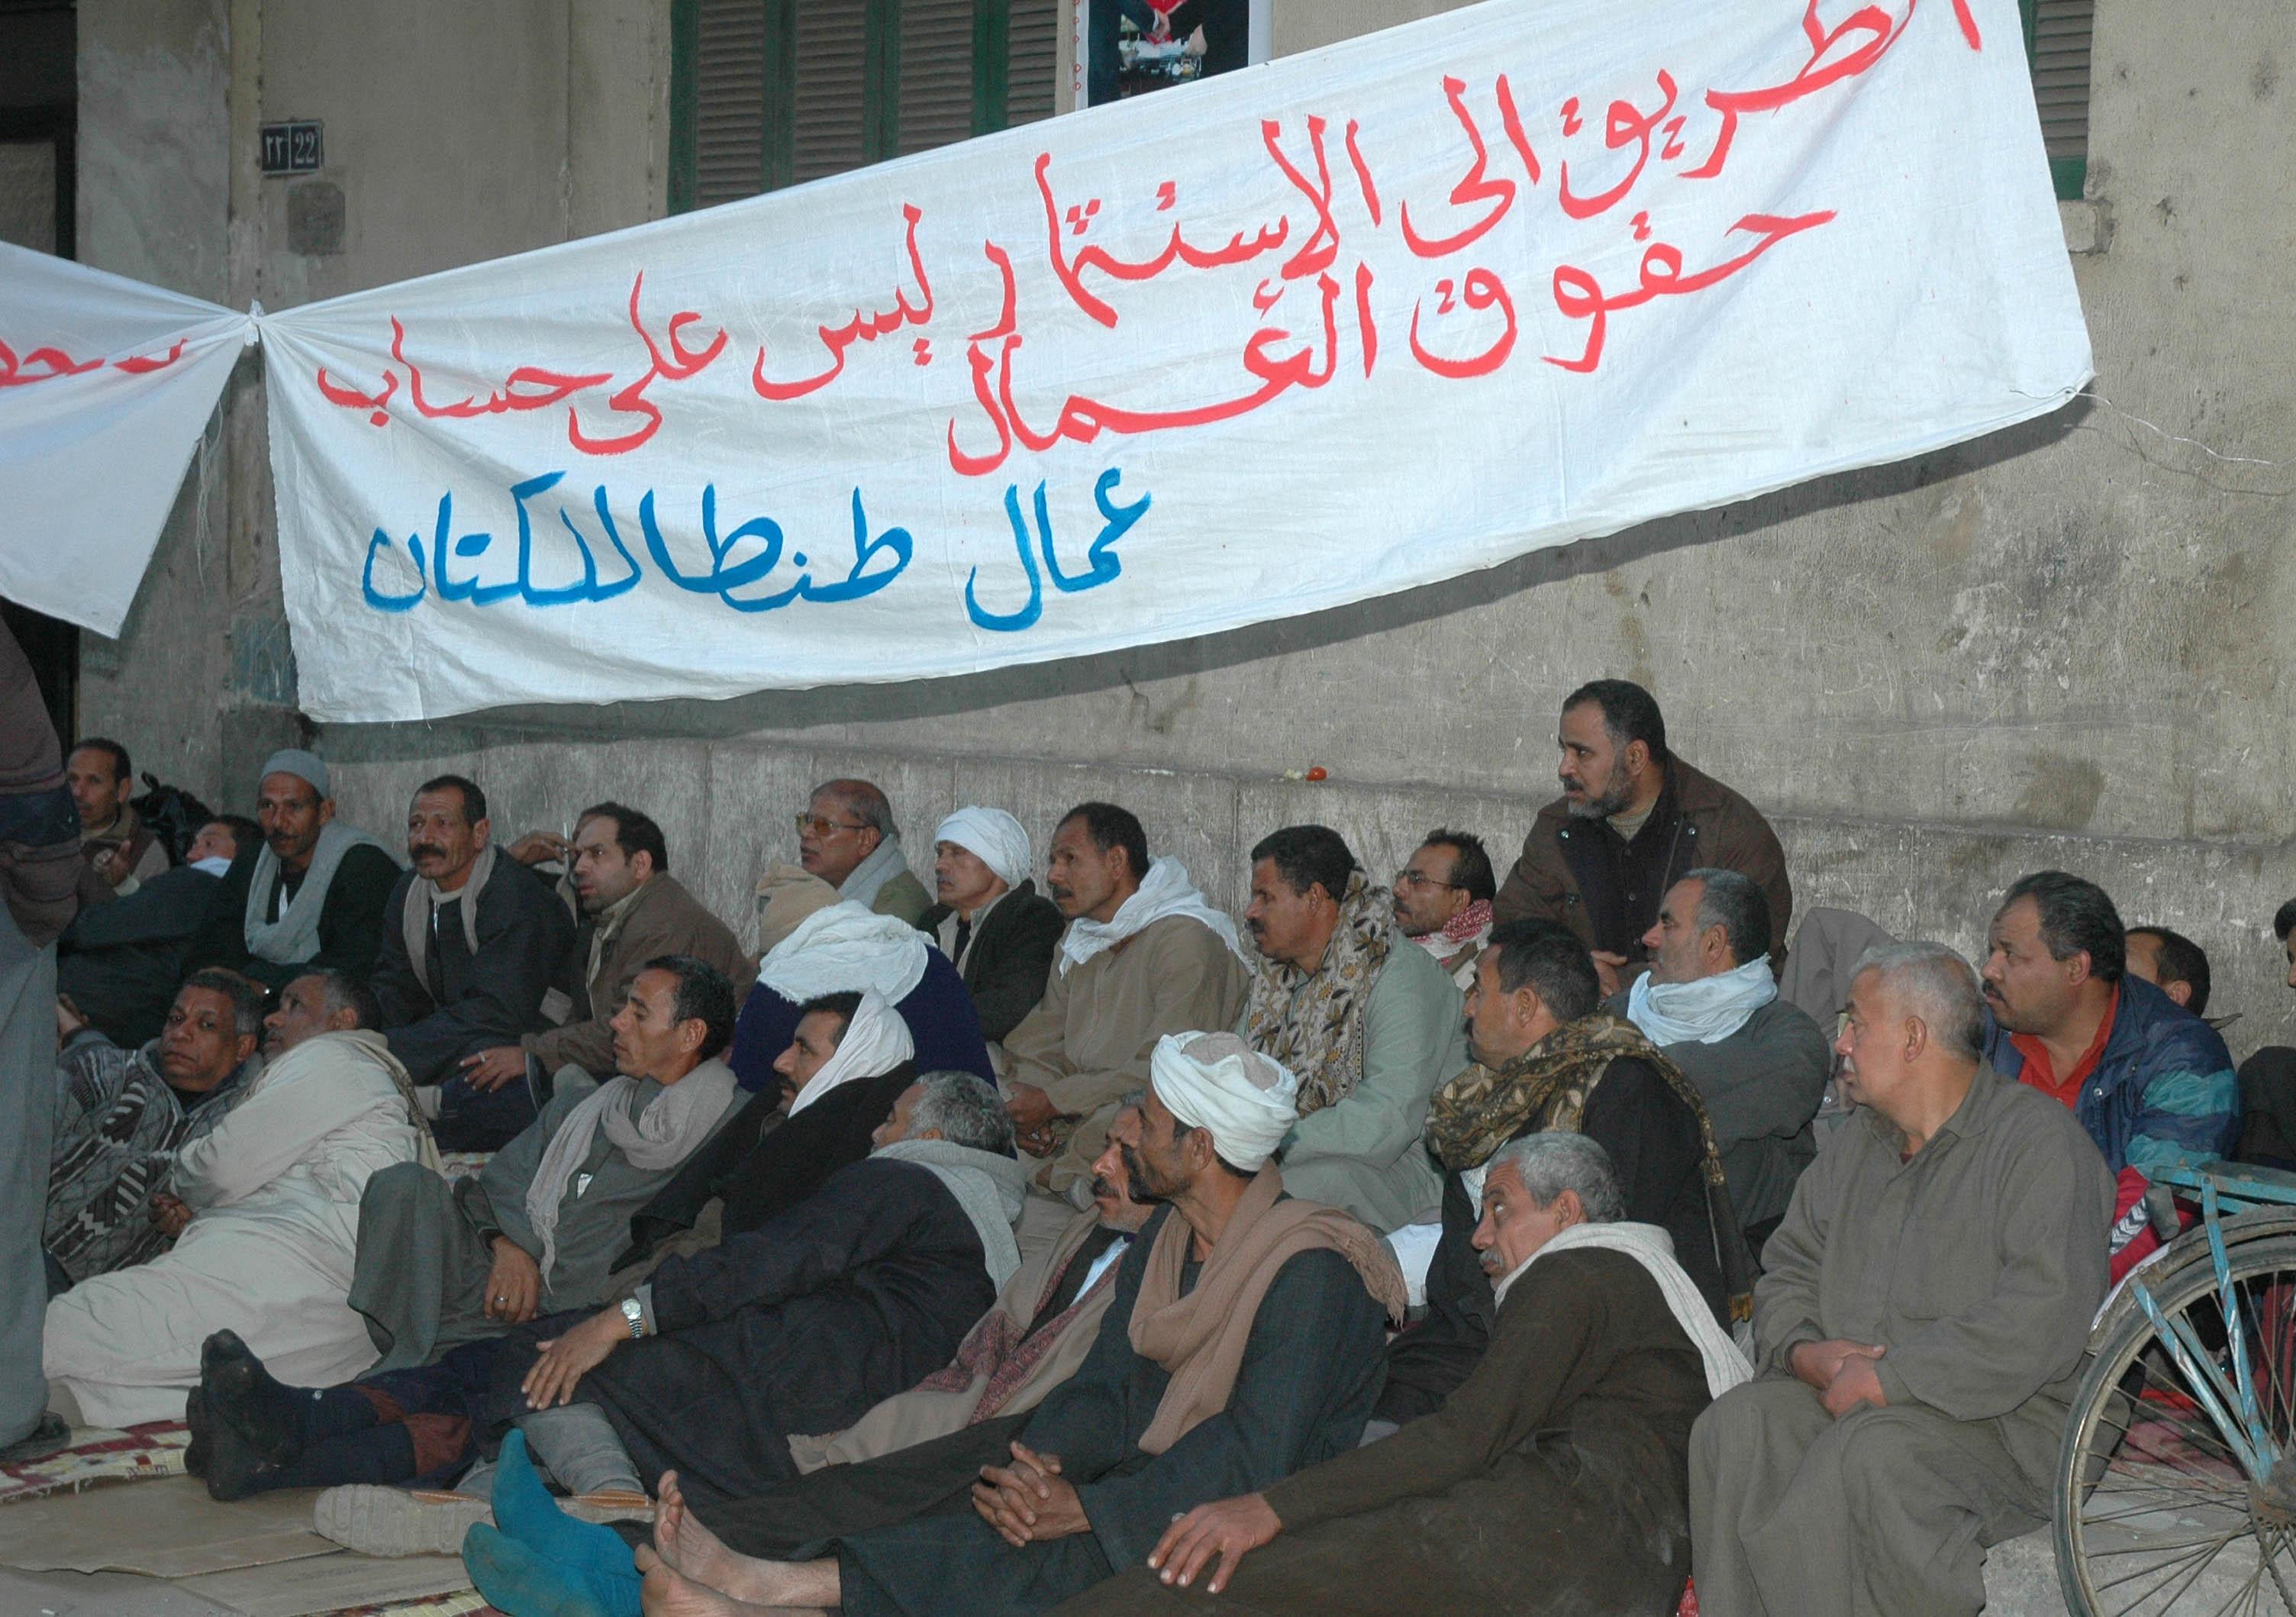 اعتصام عمال طنطا للكتان - صورة أرشيفية